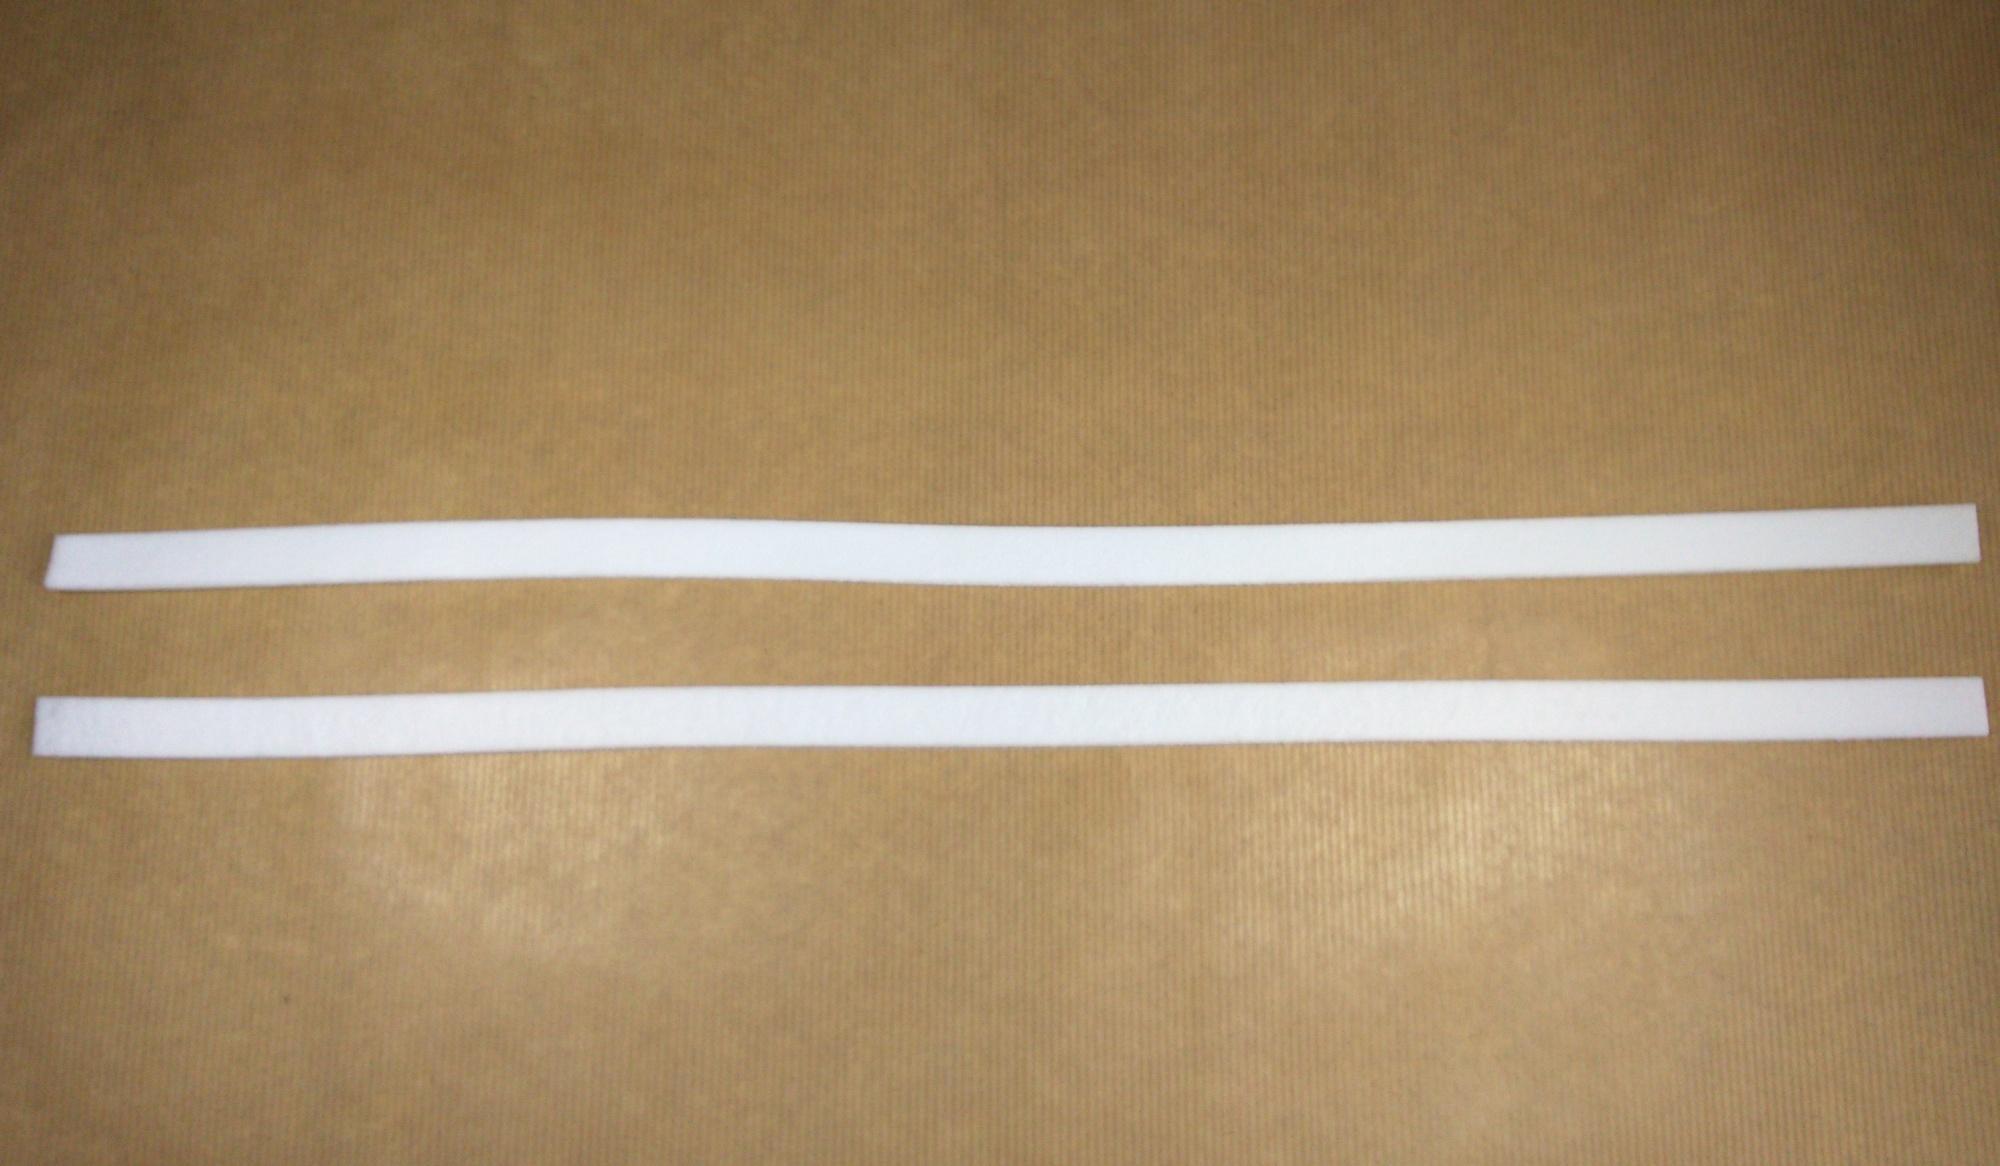 Feutrine 3 mm joint de vitre